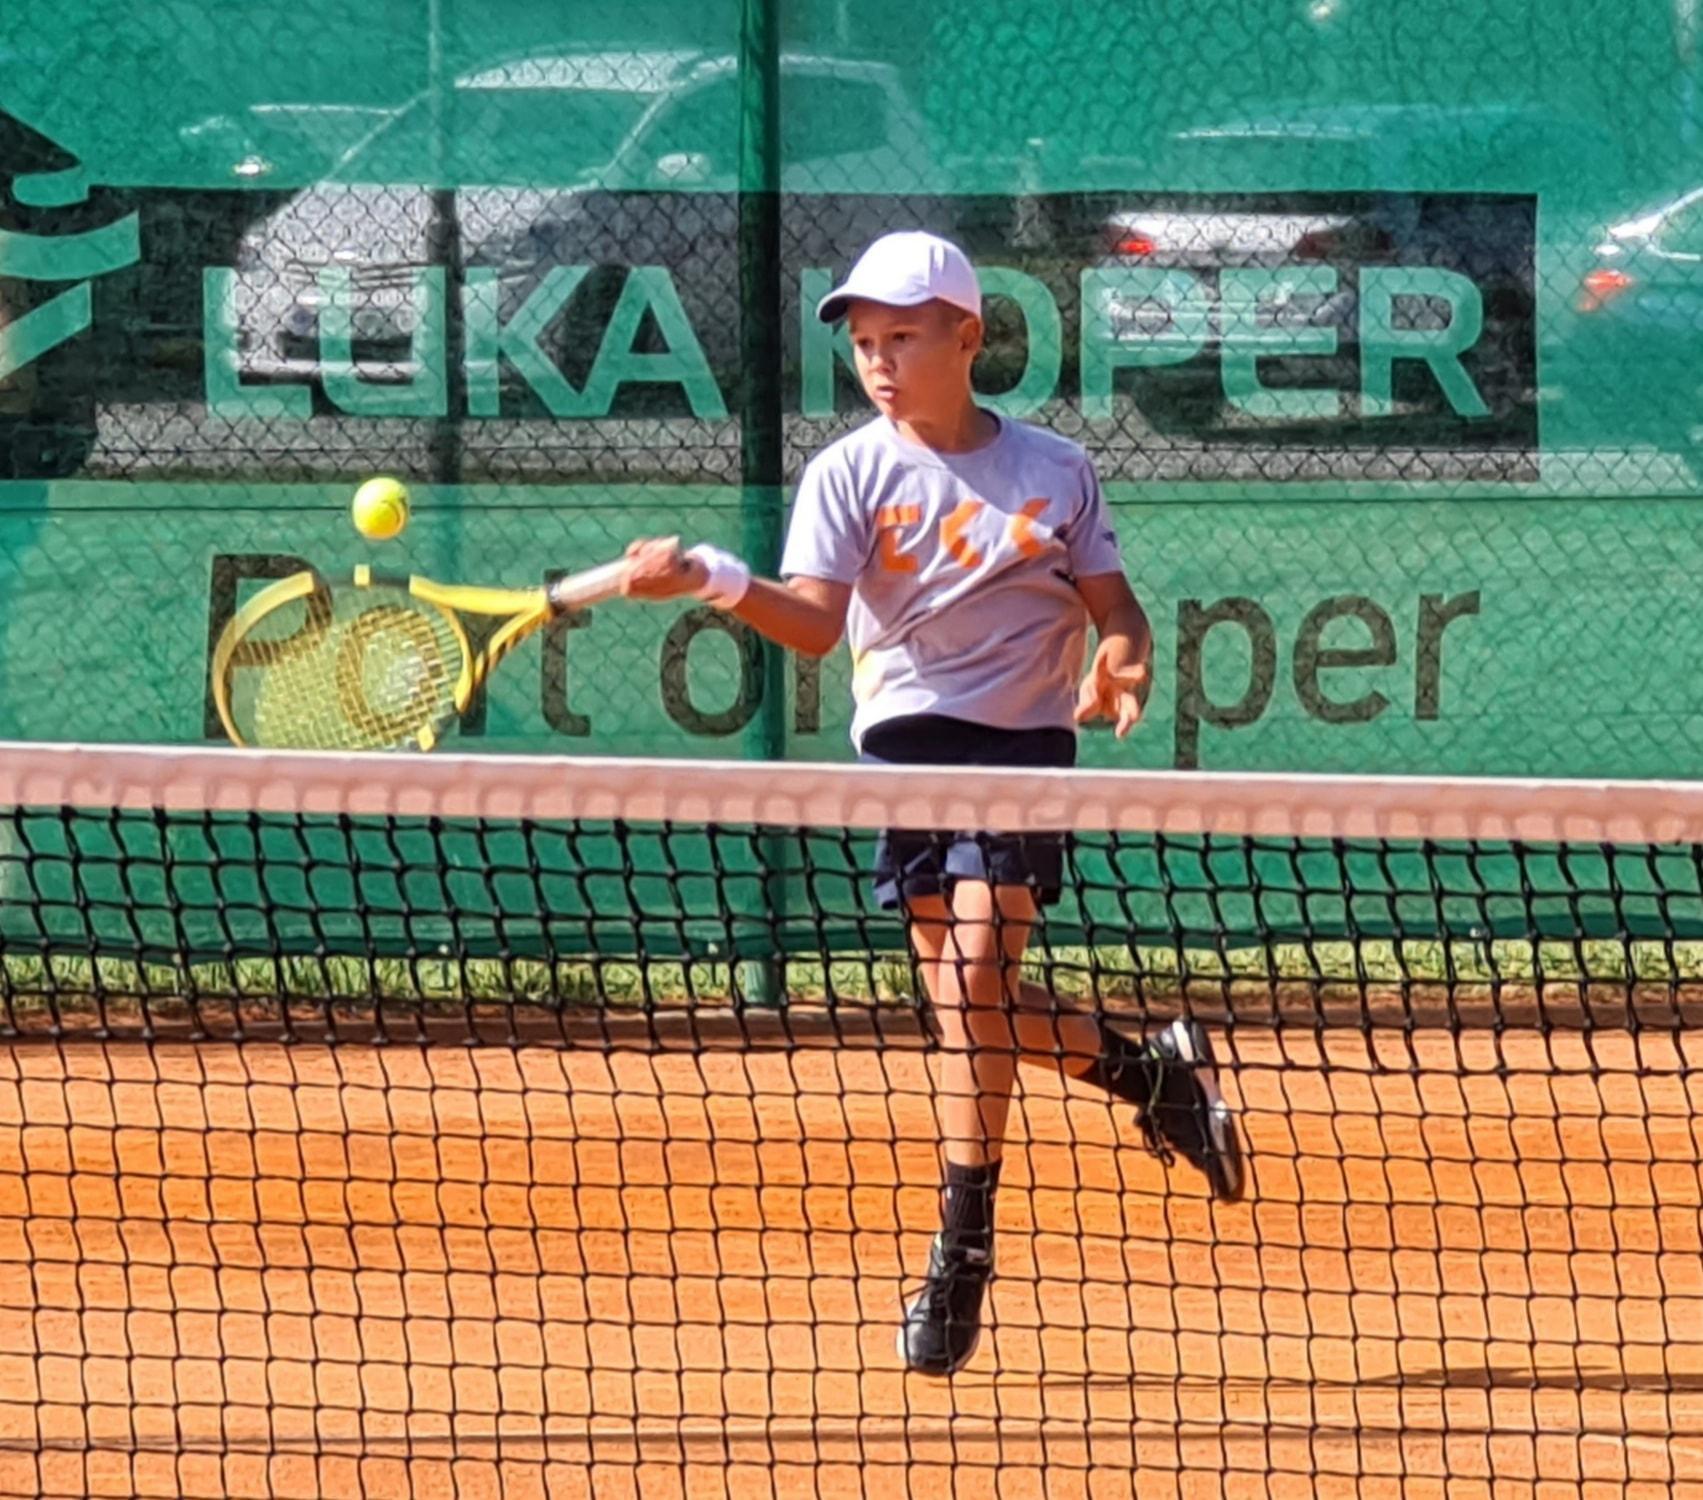 Kategorija Lino U12 je bila aktivna tudi v Kopru. (Foto: FB/Luka Koper)